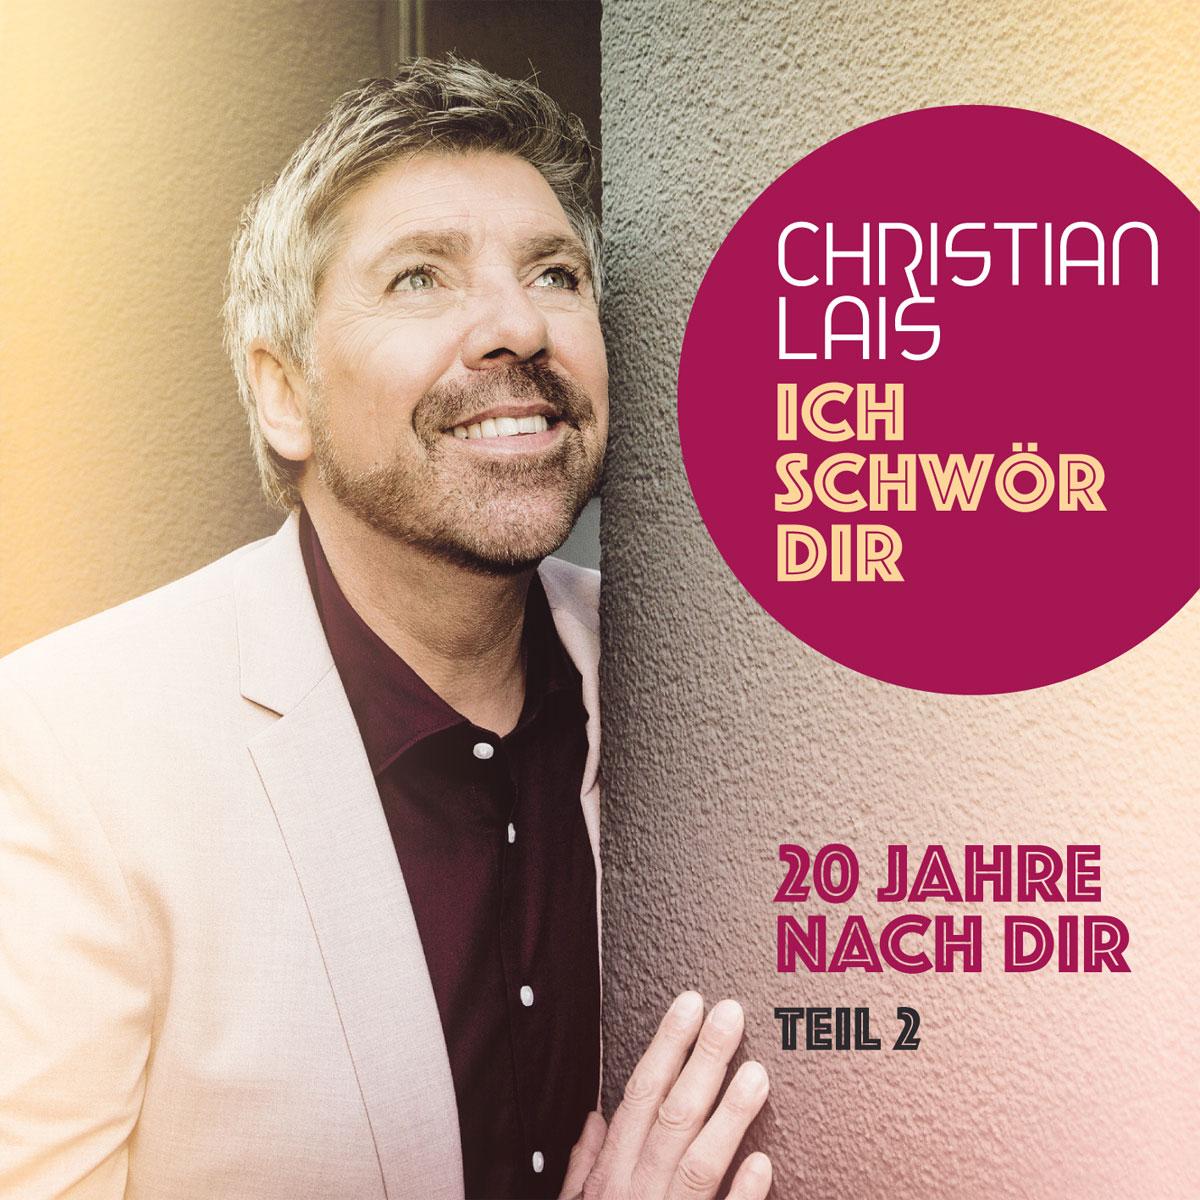 CHRISTIAN LAIS - ICH SCHWÖR DIR